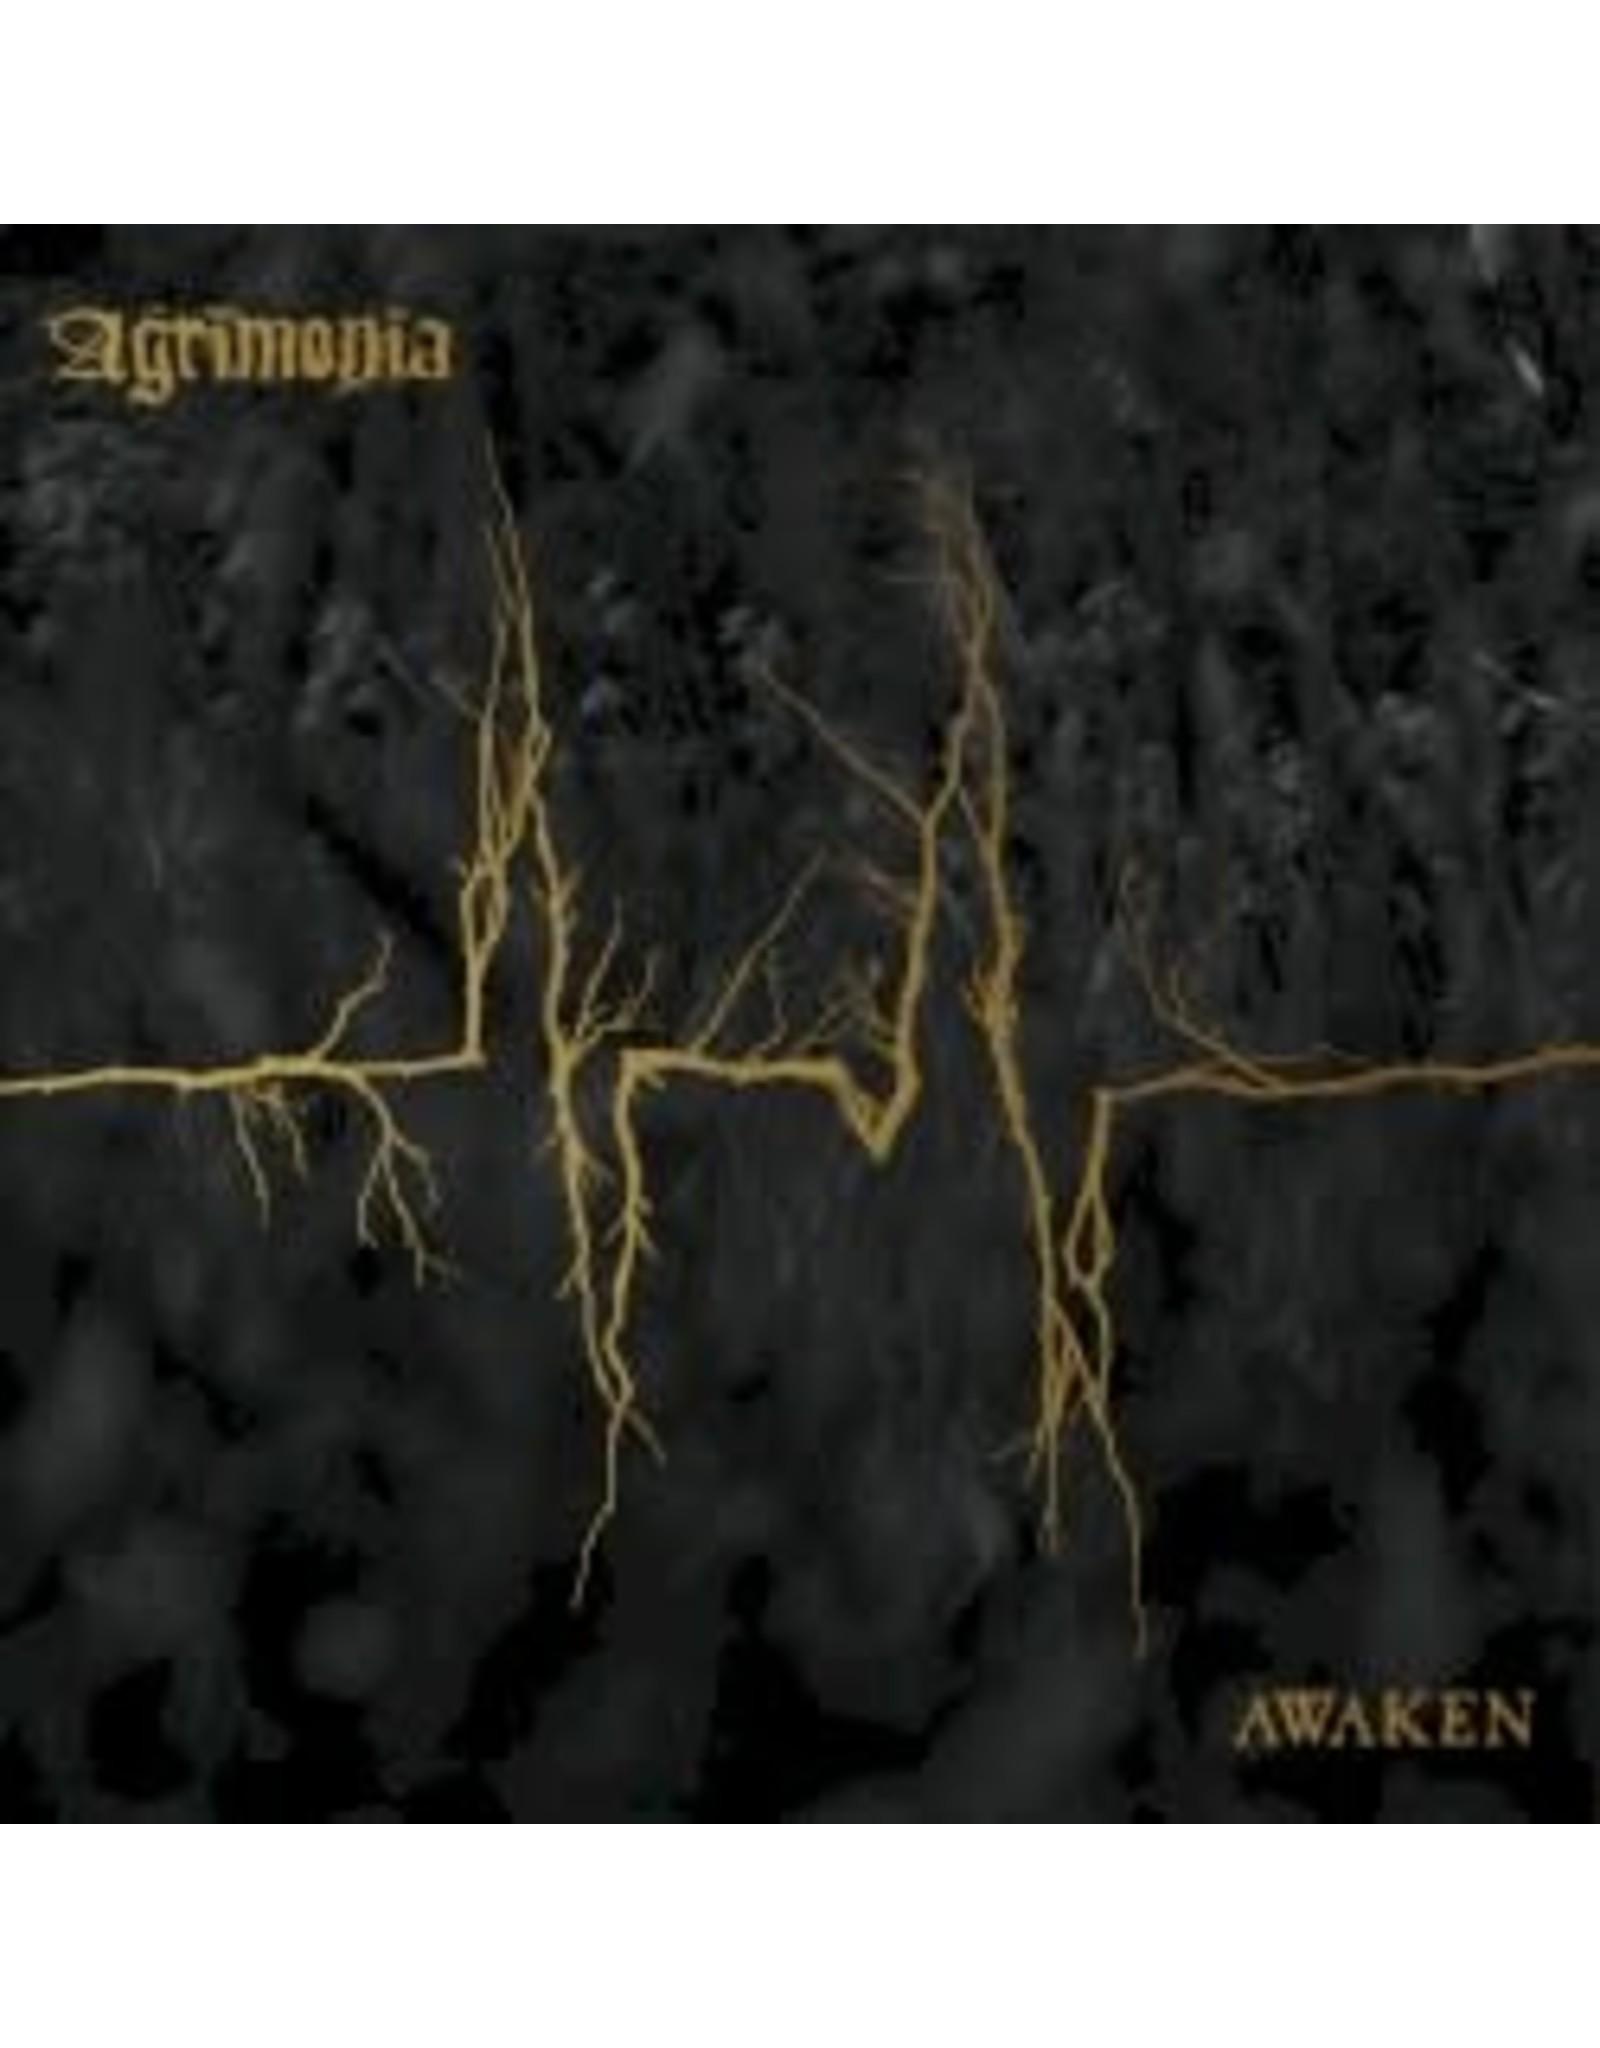 Agrimonia - Awaken 2LP